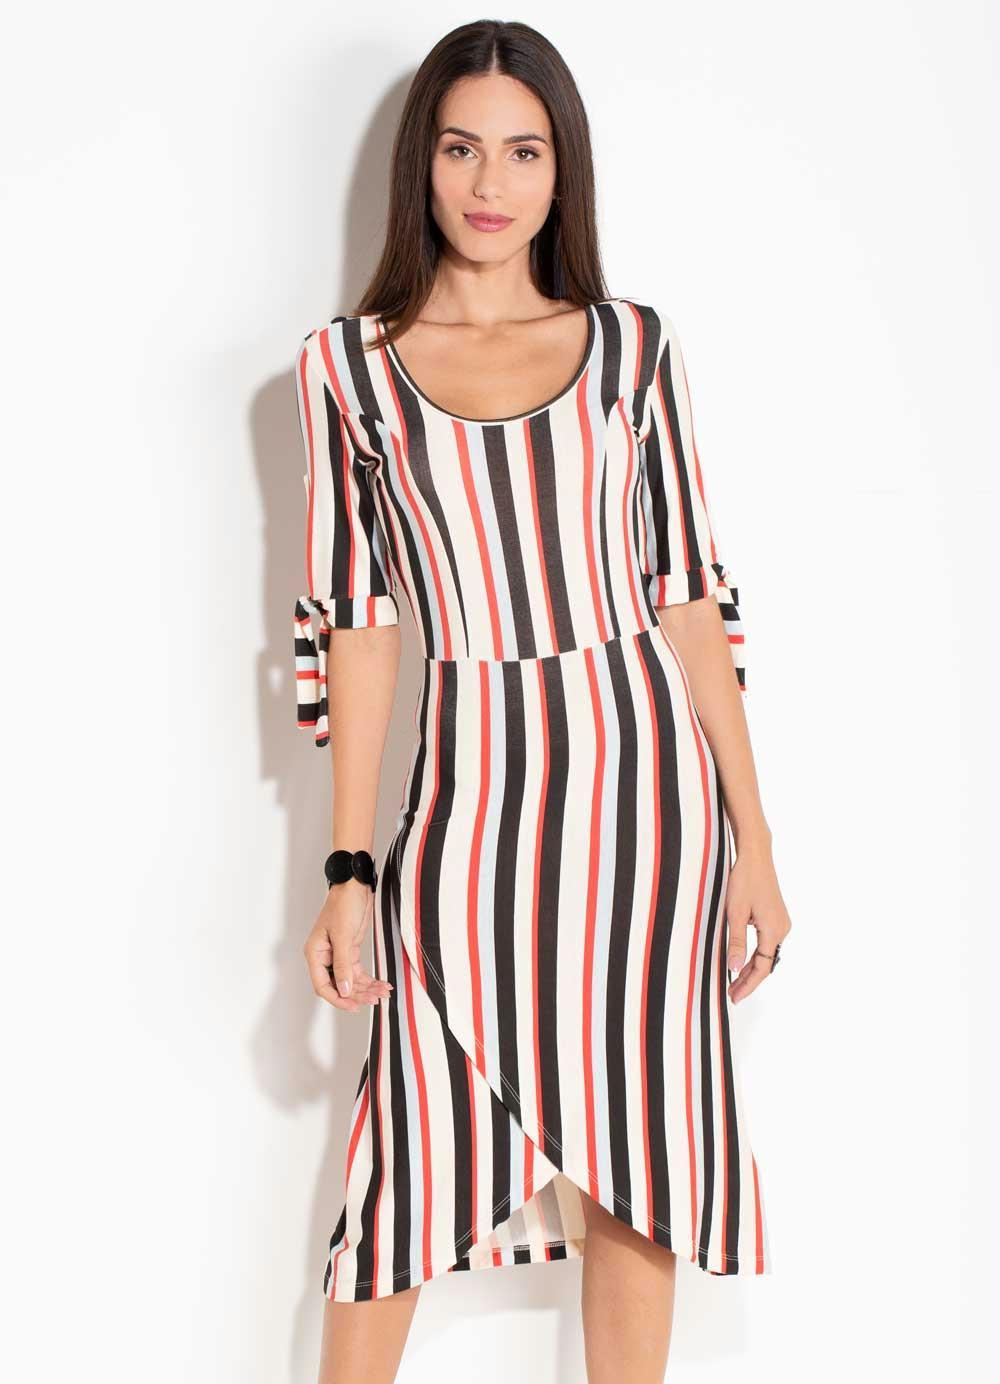 acb584510b Vestido Quintess Listras Coloridas com Amarração - Quintess